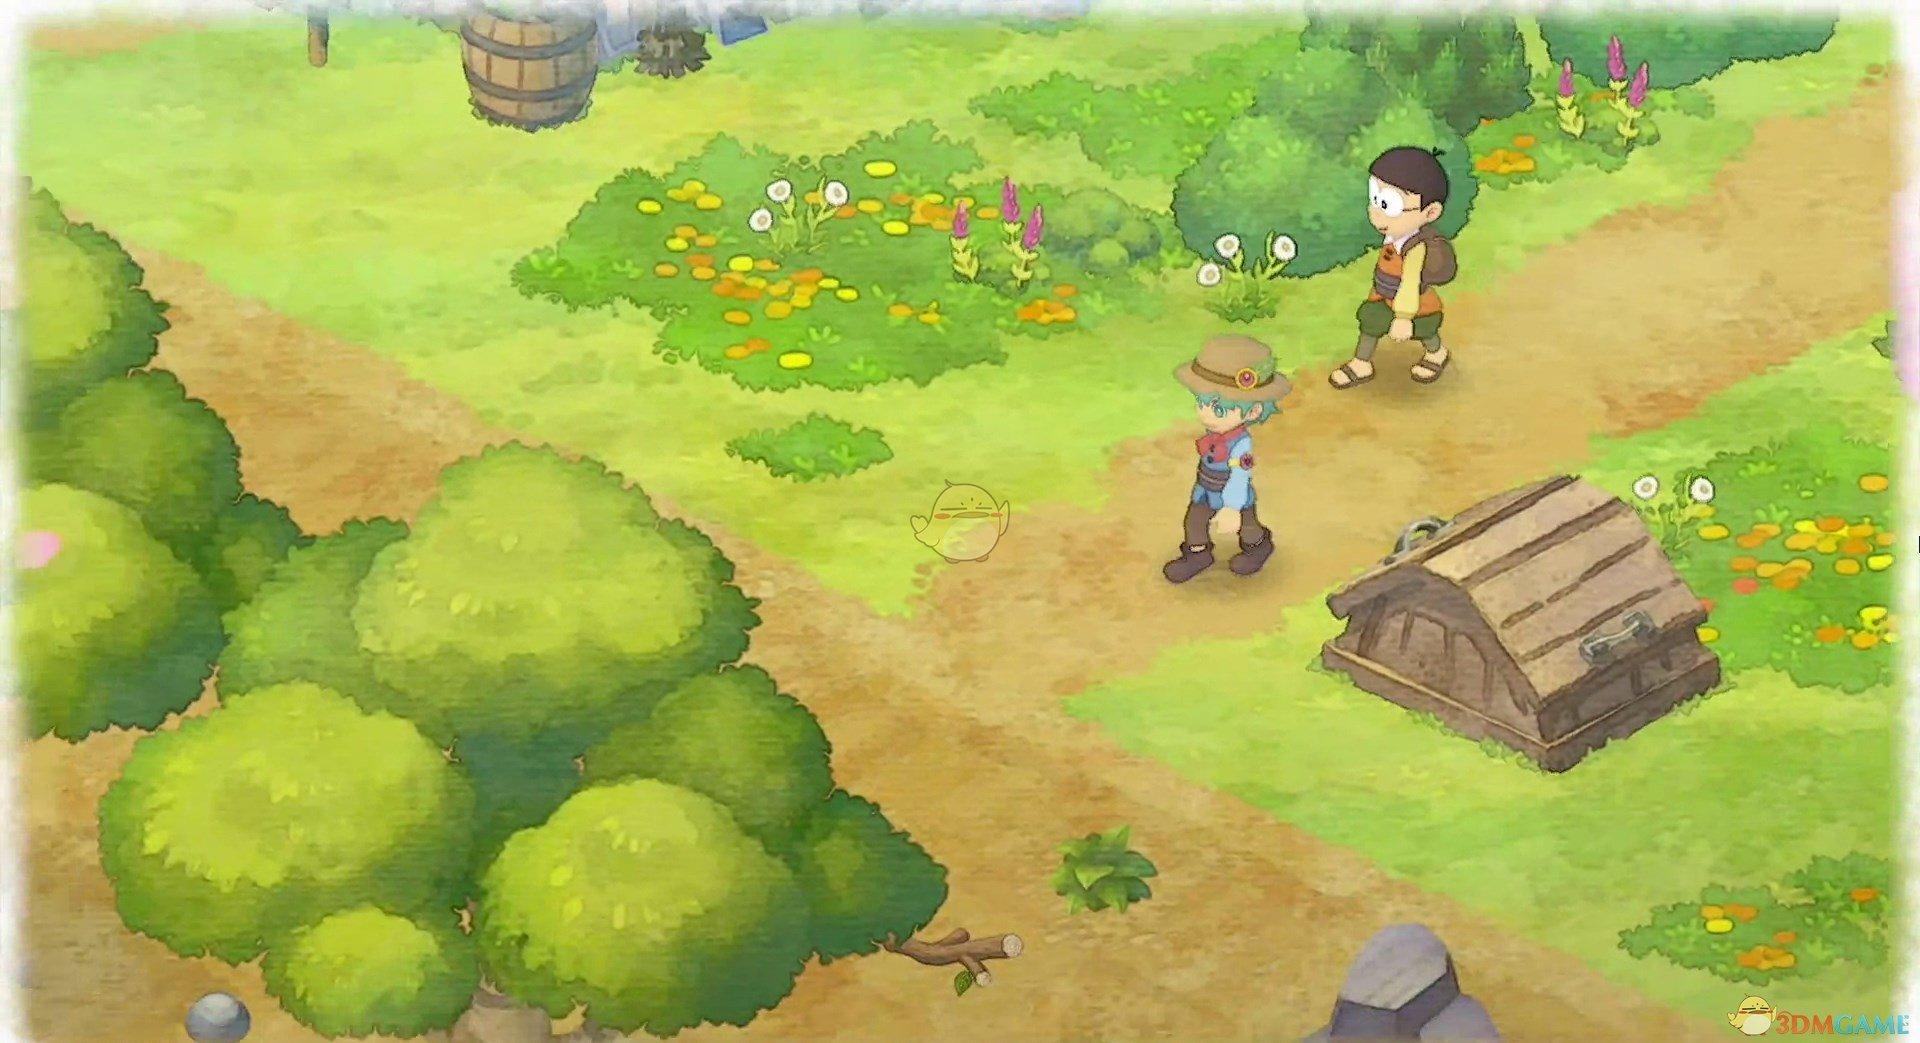 《哆啦A梦:大雄的牧场物语》冬季可钓鱼类分享